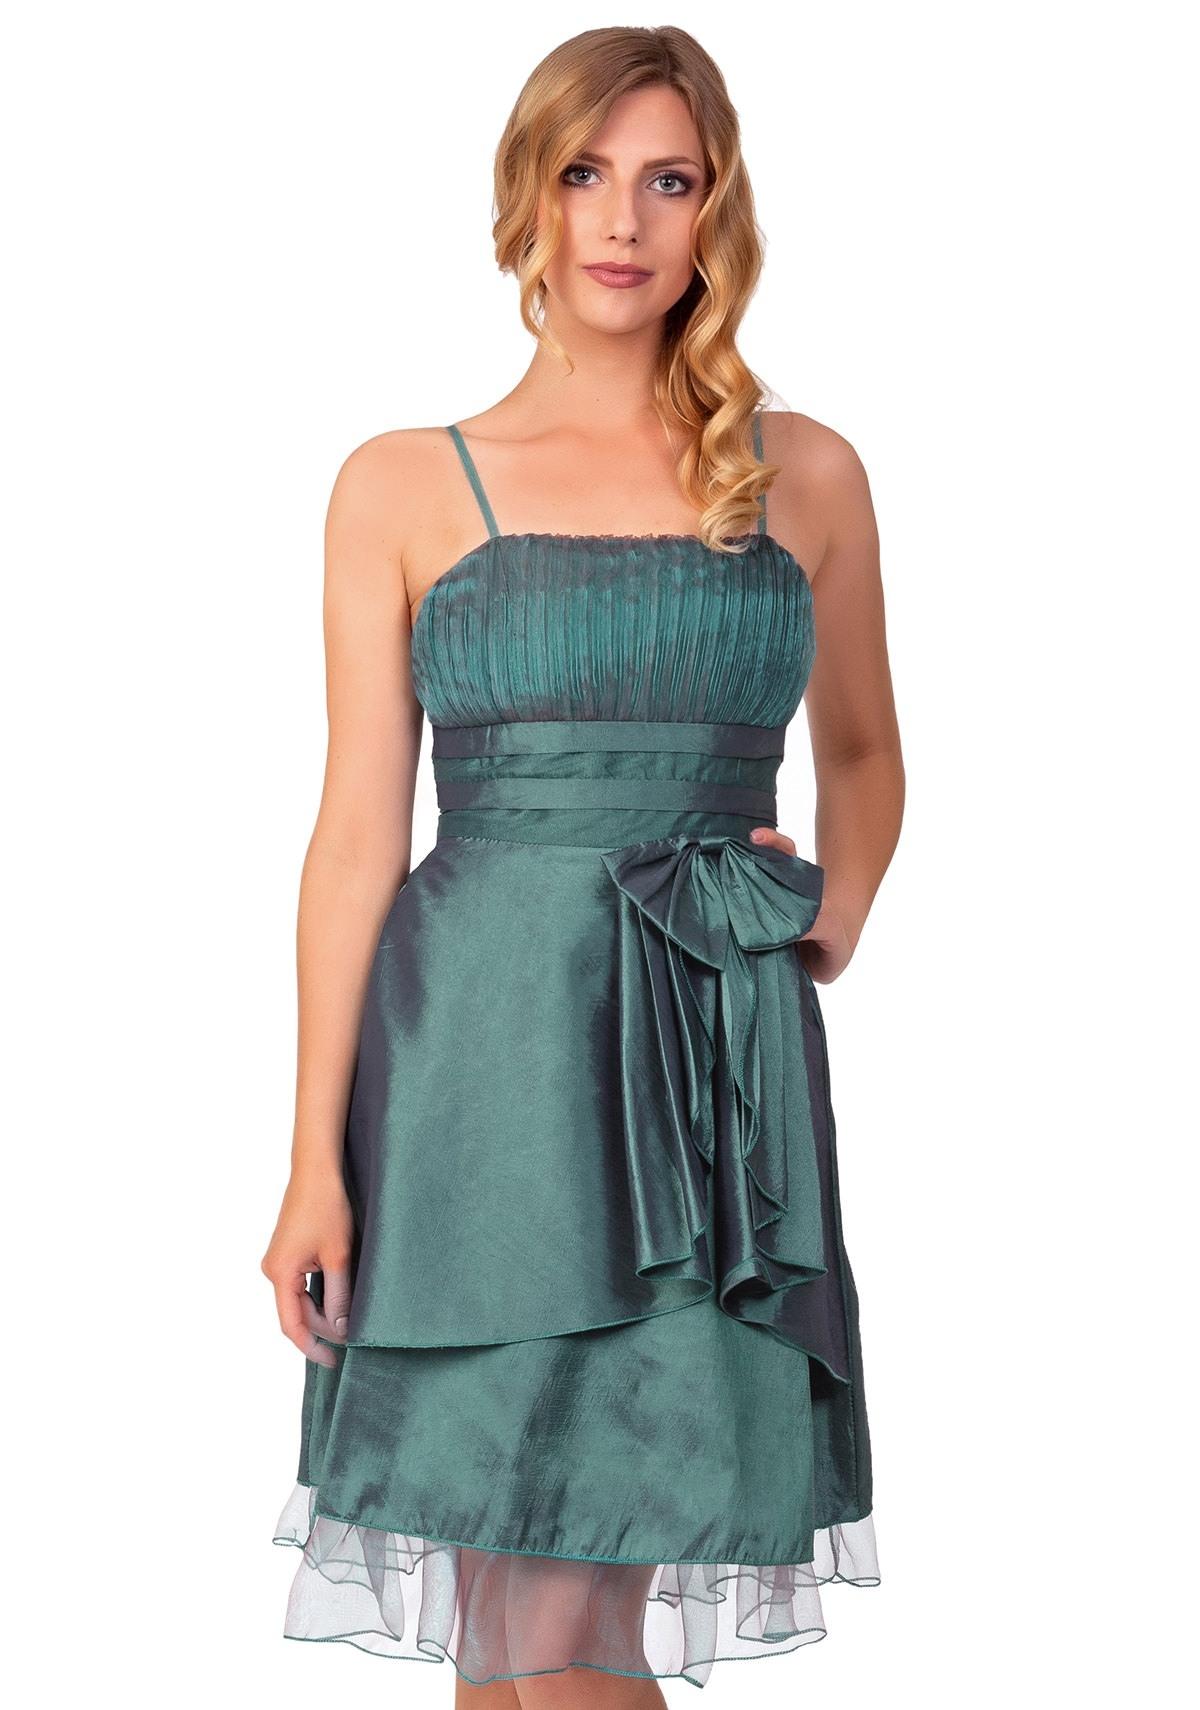 10 Luxus Günstige Kleider ÄrmelDesigner Fantastisch Günstige Kleider Vertrieb